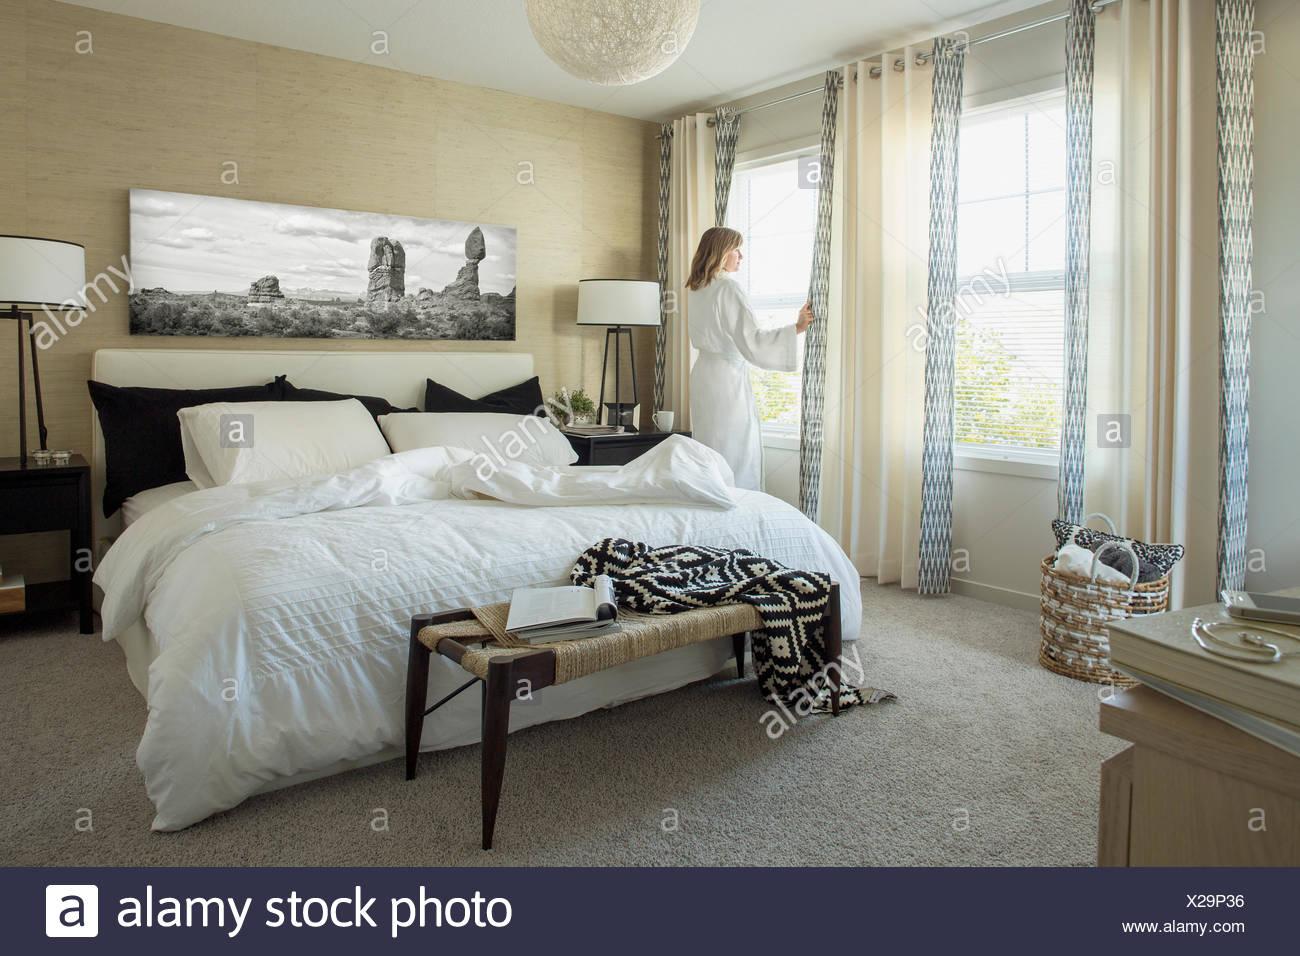 Donna in accappatoio in camera da letto finestra Immagini Stock